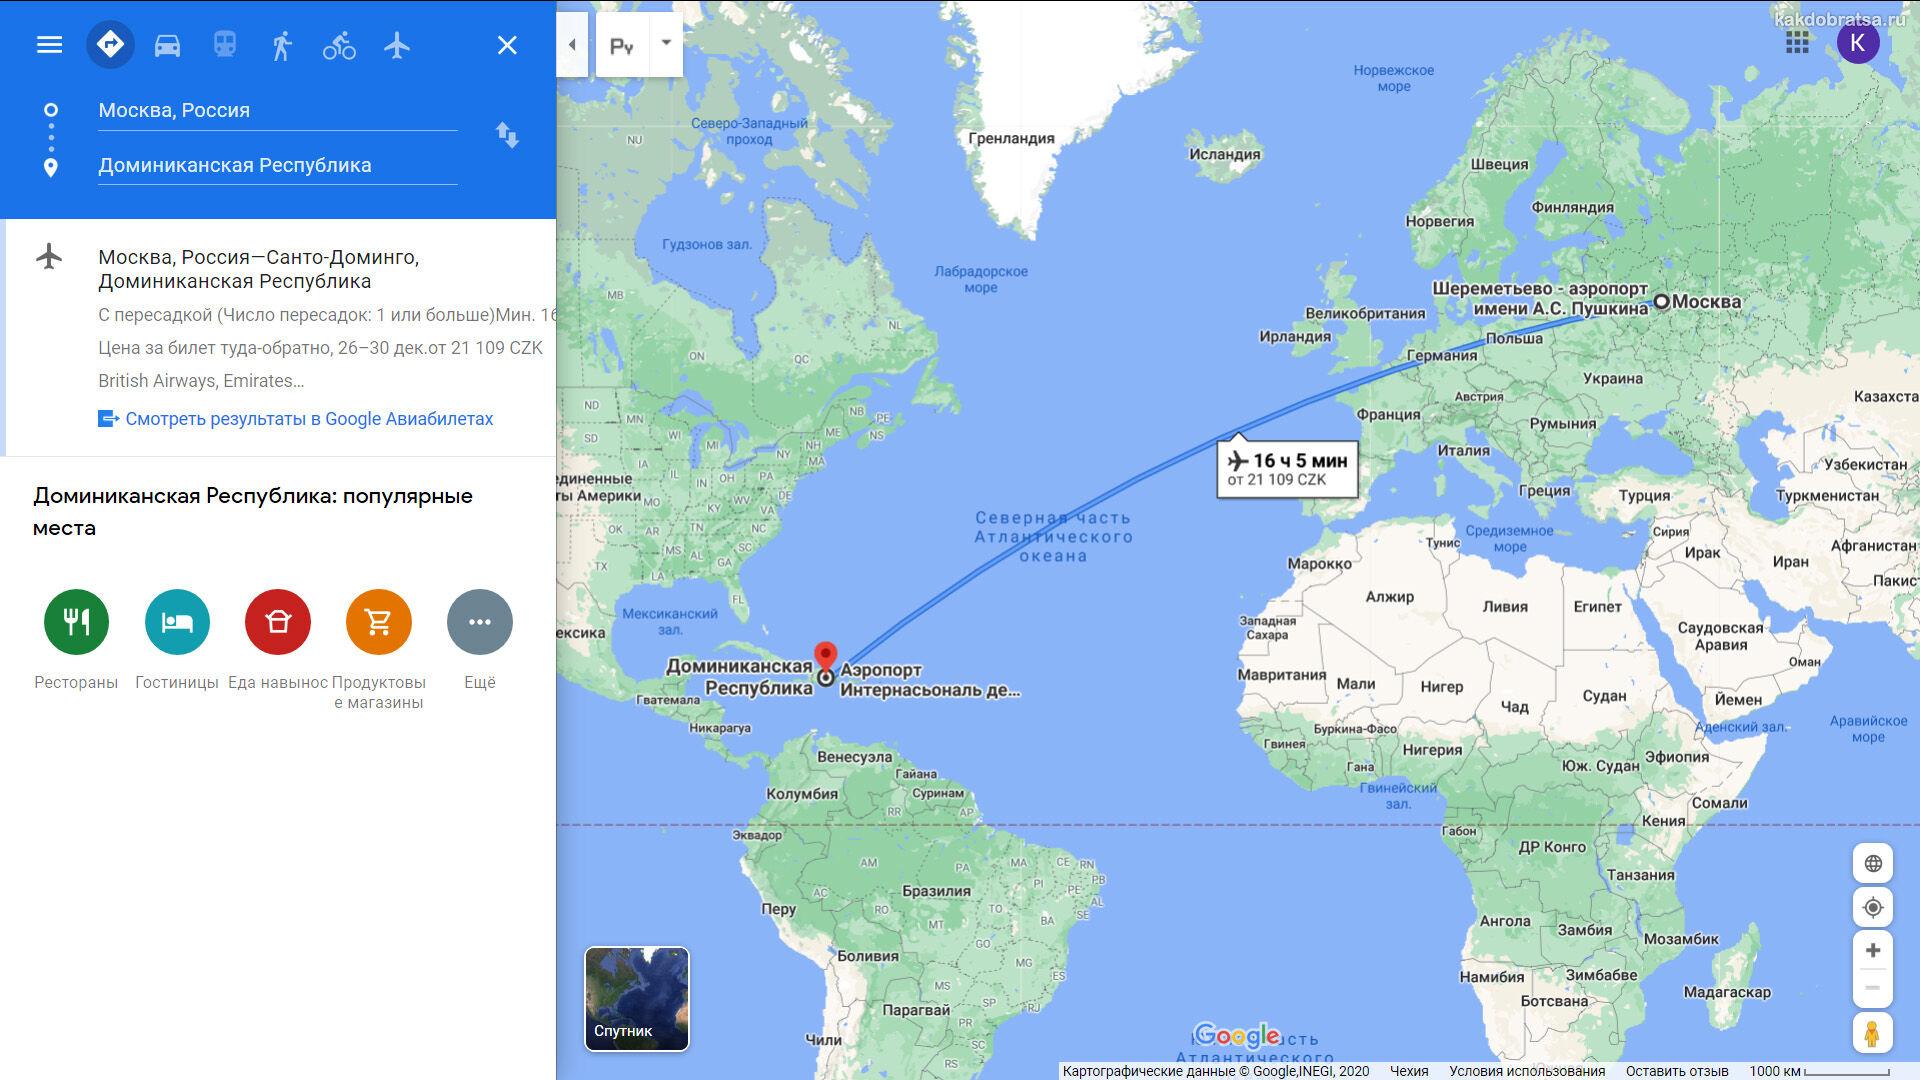 Как добраться в Доминиканскую Республику из Москвы карта